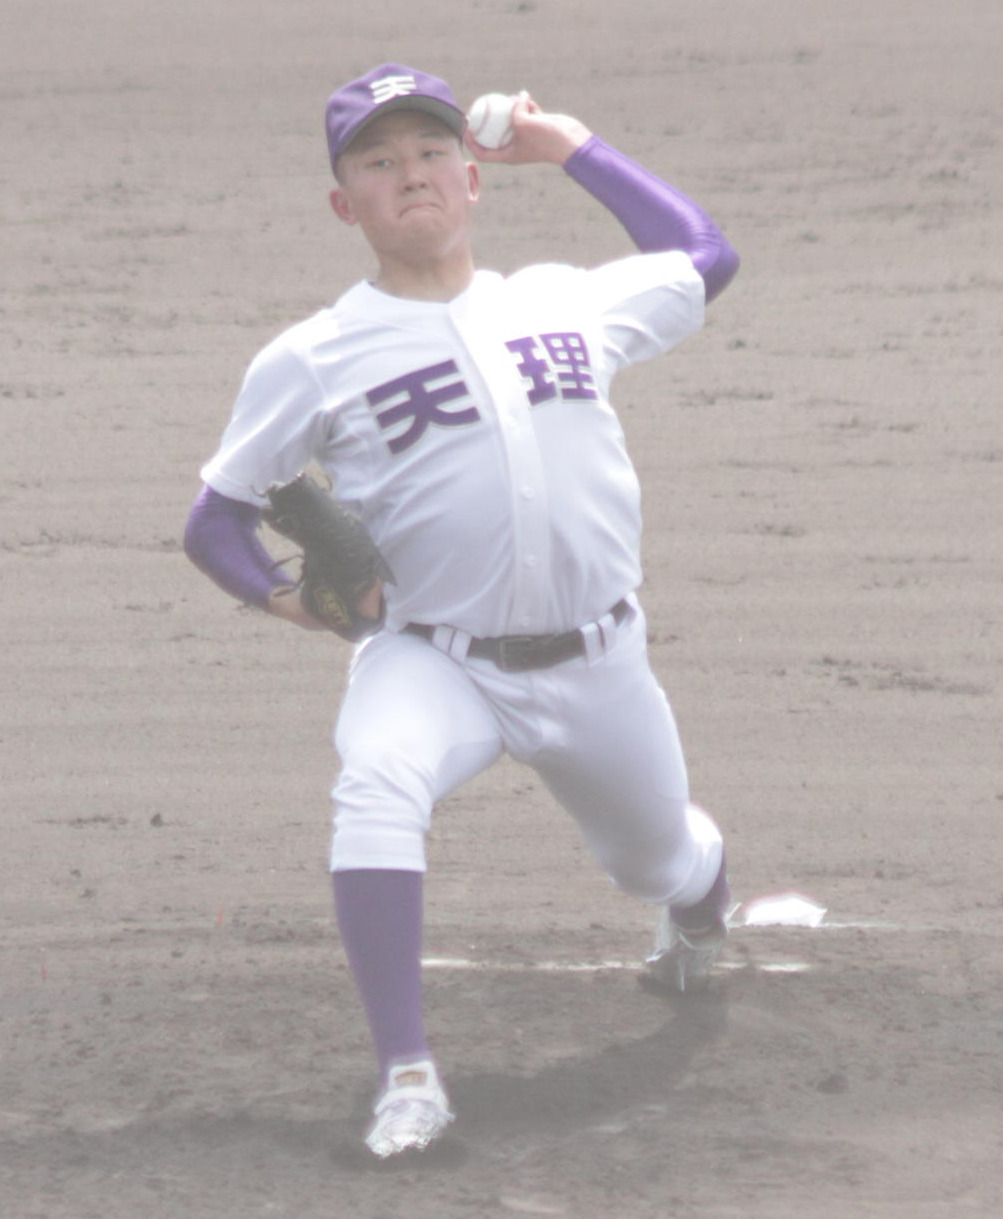 天理は森田雄斗投手が先発して立ち上がりから8者連続奪三振の快投を見せた